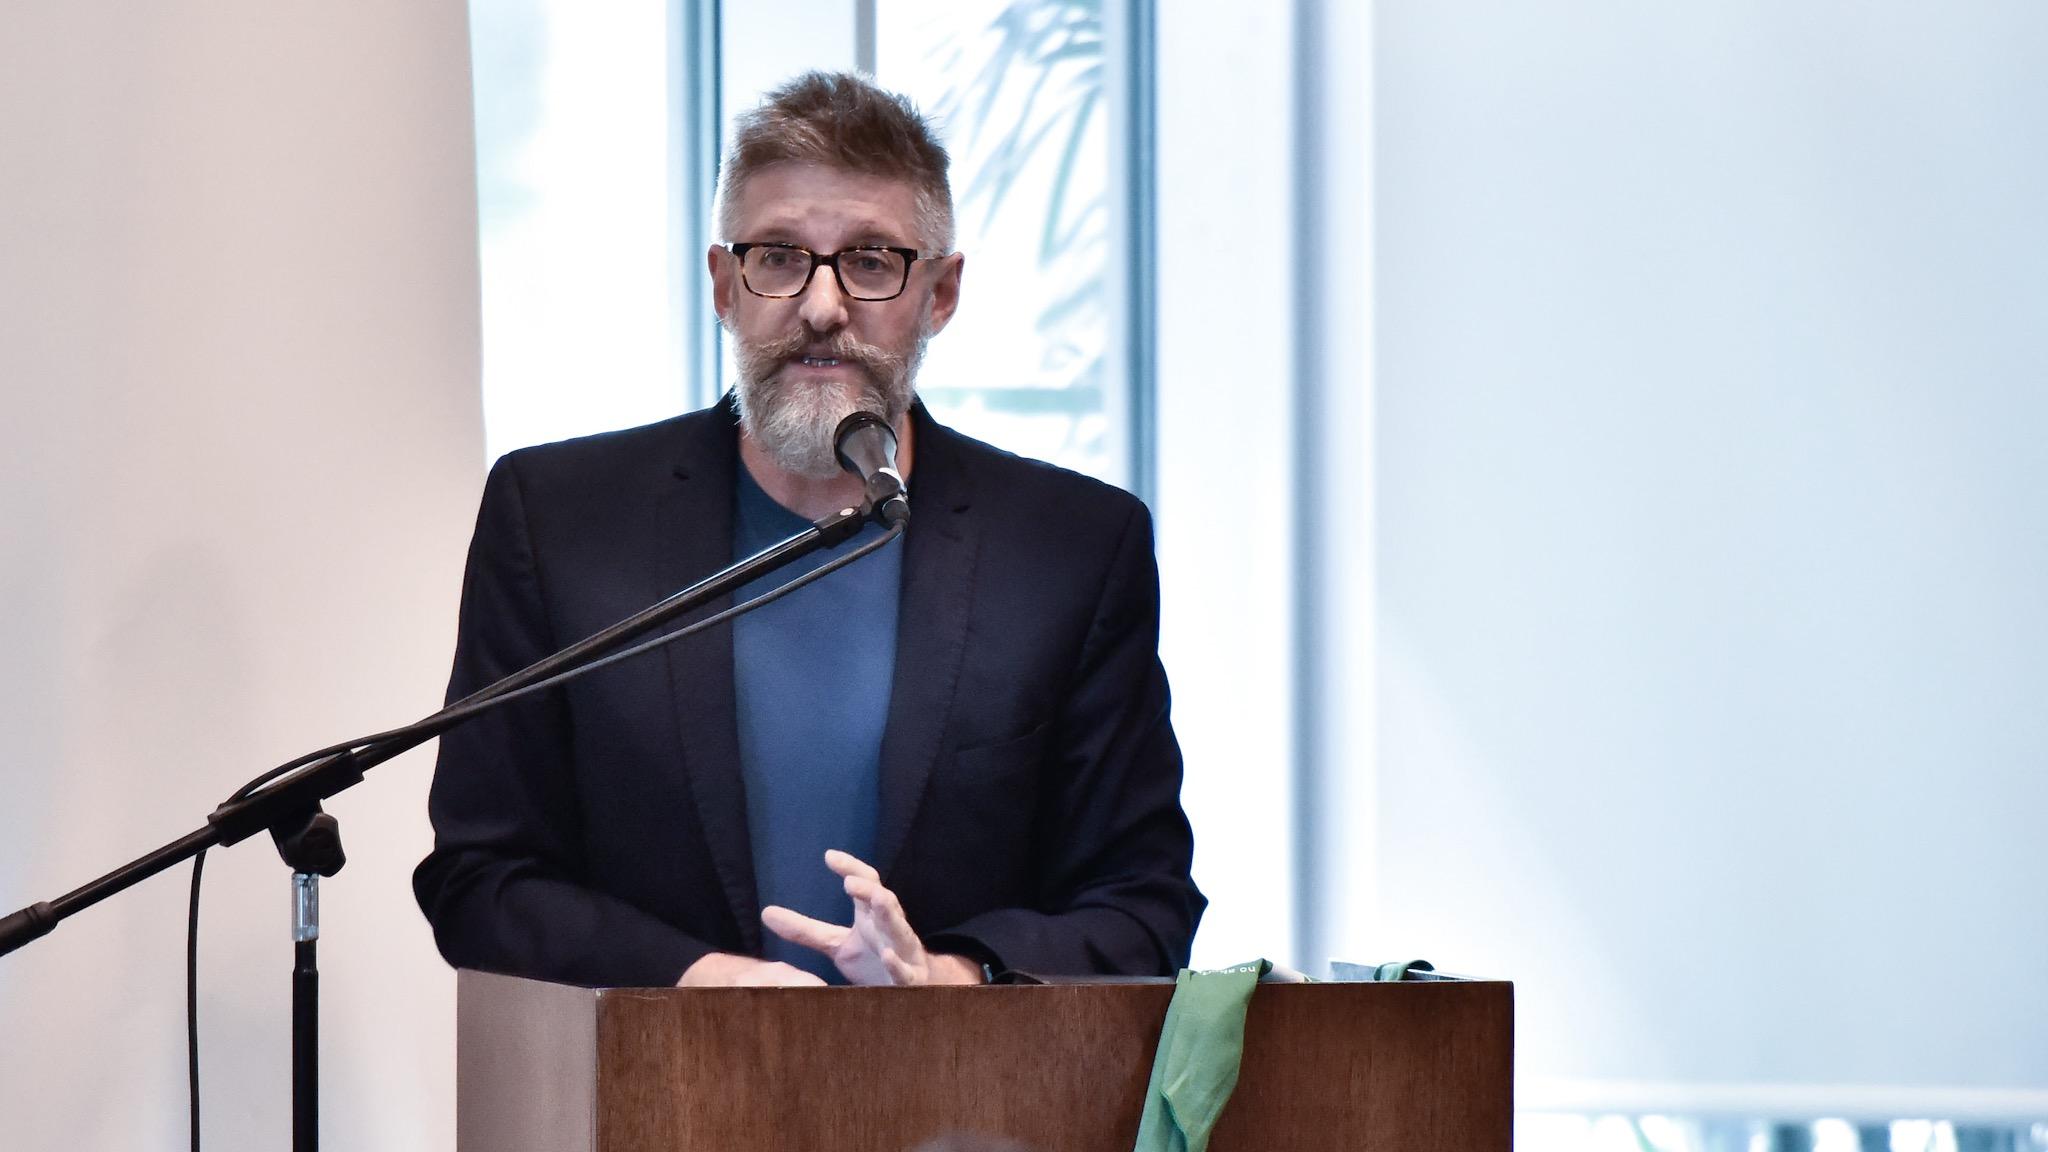 El periodista Luis Novaresio se pronunció a favor de la interrupción voluntaria del embarazo. Tuvo un cruce con la diputada del PRO Carmen Polledo